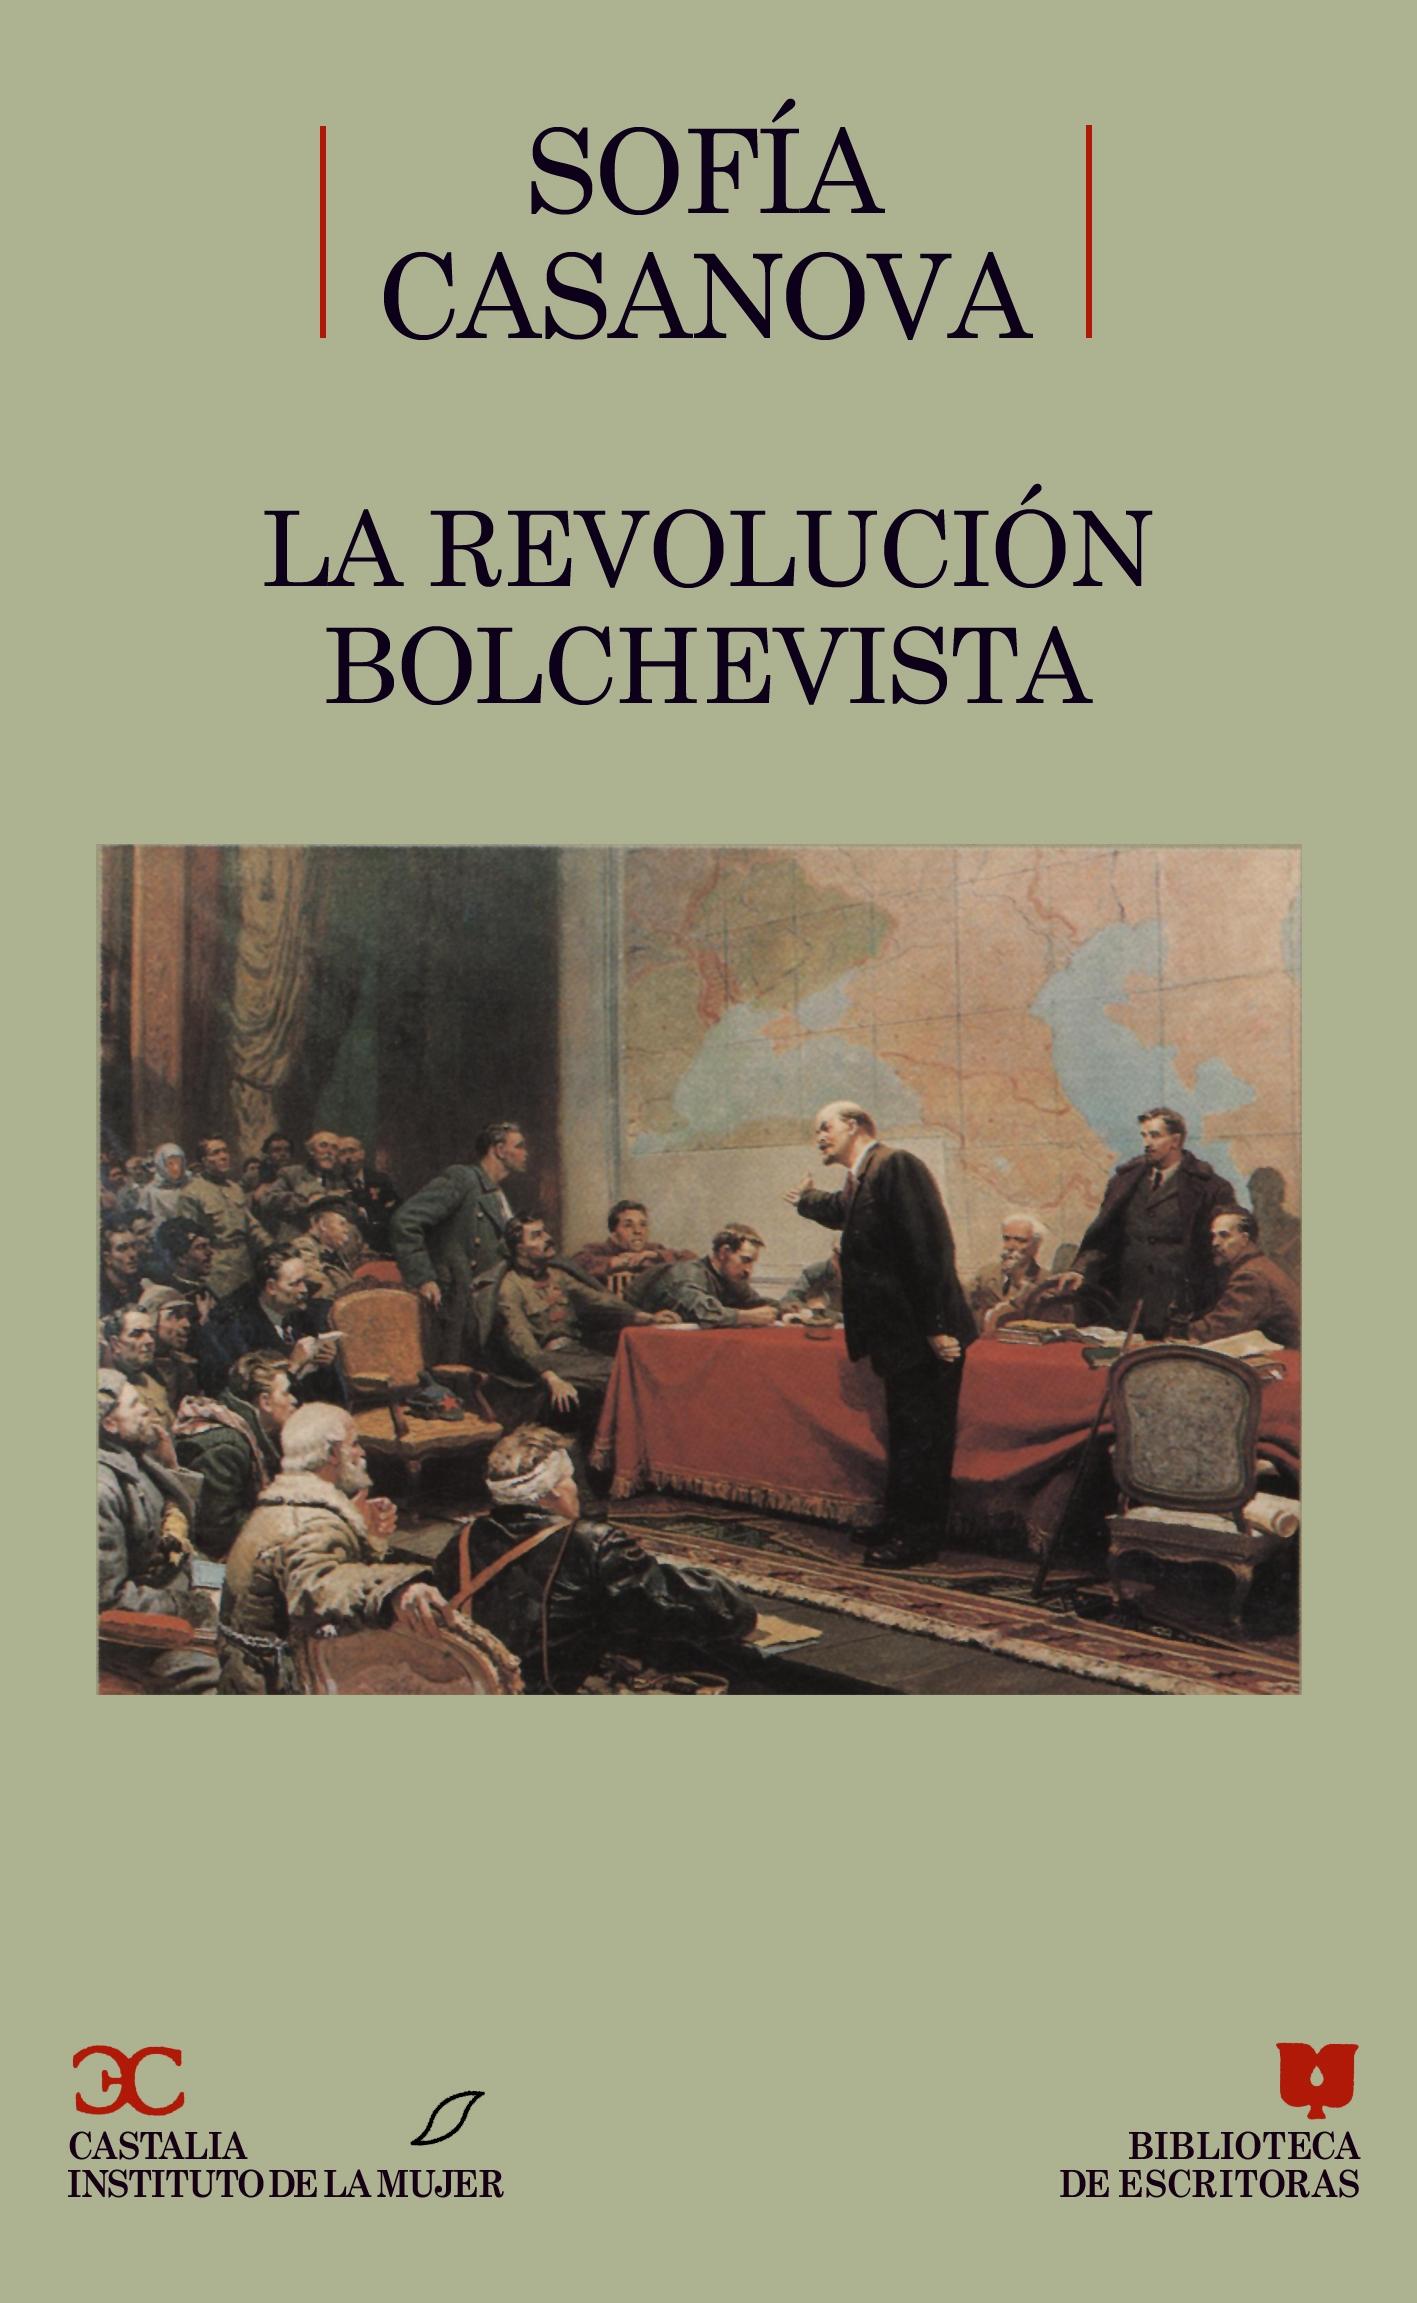 La revolución bolchevista